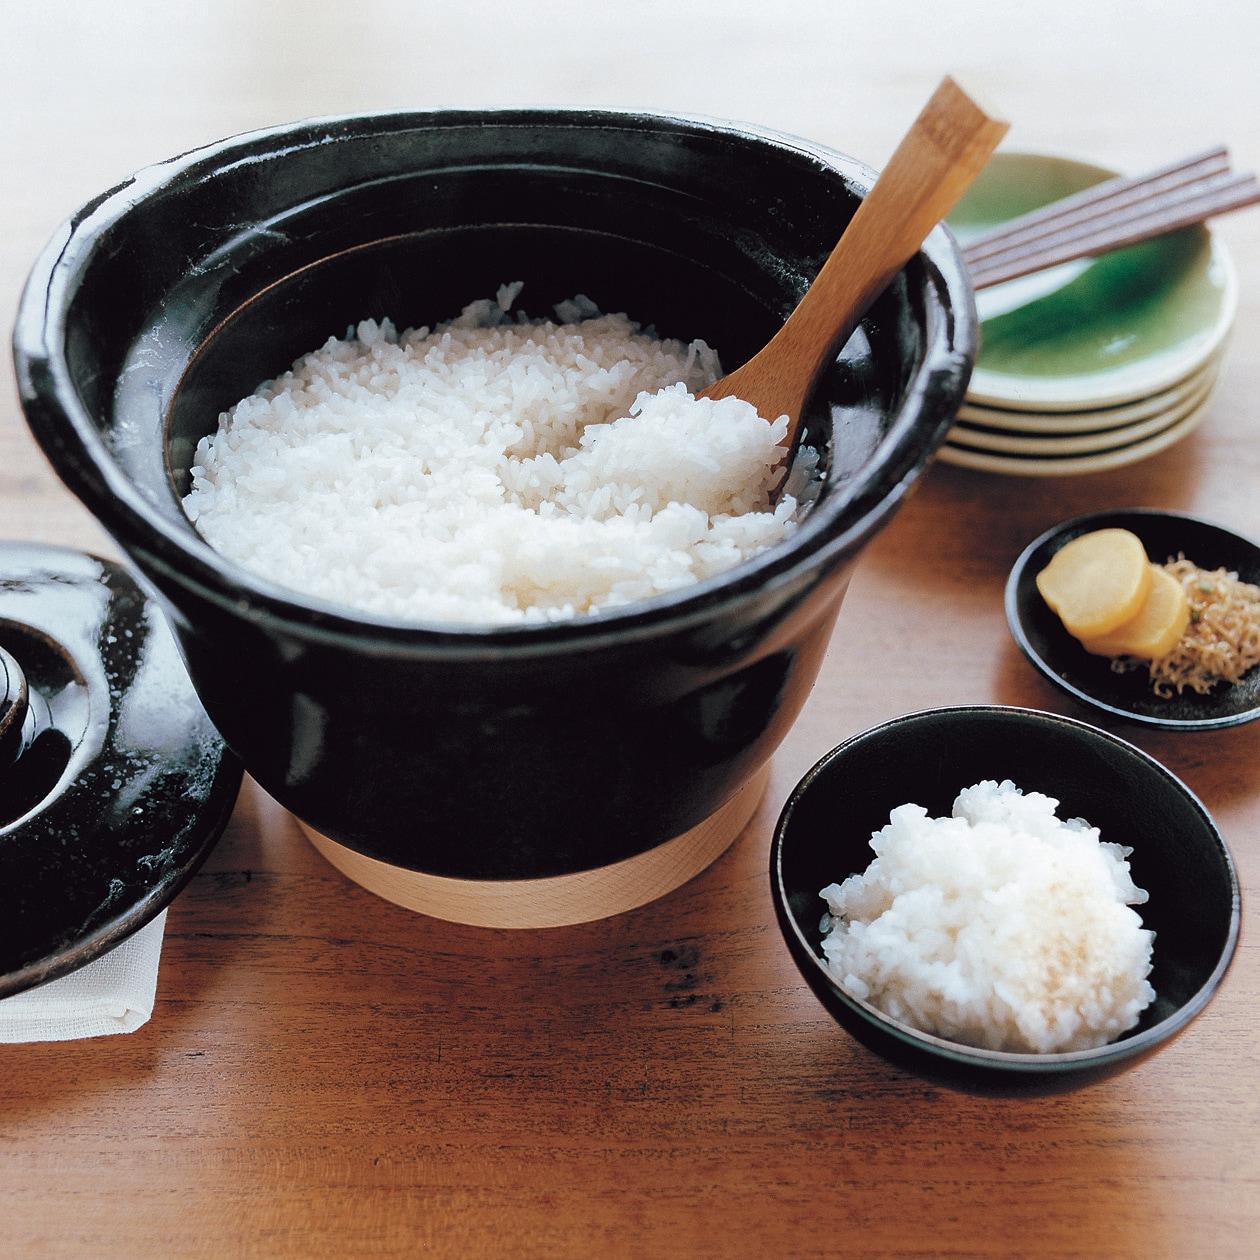 【無印良品】の土釜おこげで理想の食卓に早変わり。おこげ付きふっくらご飯を楽しもう。